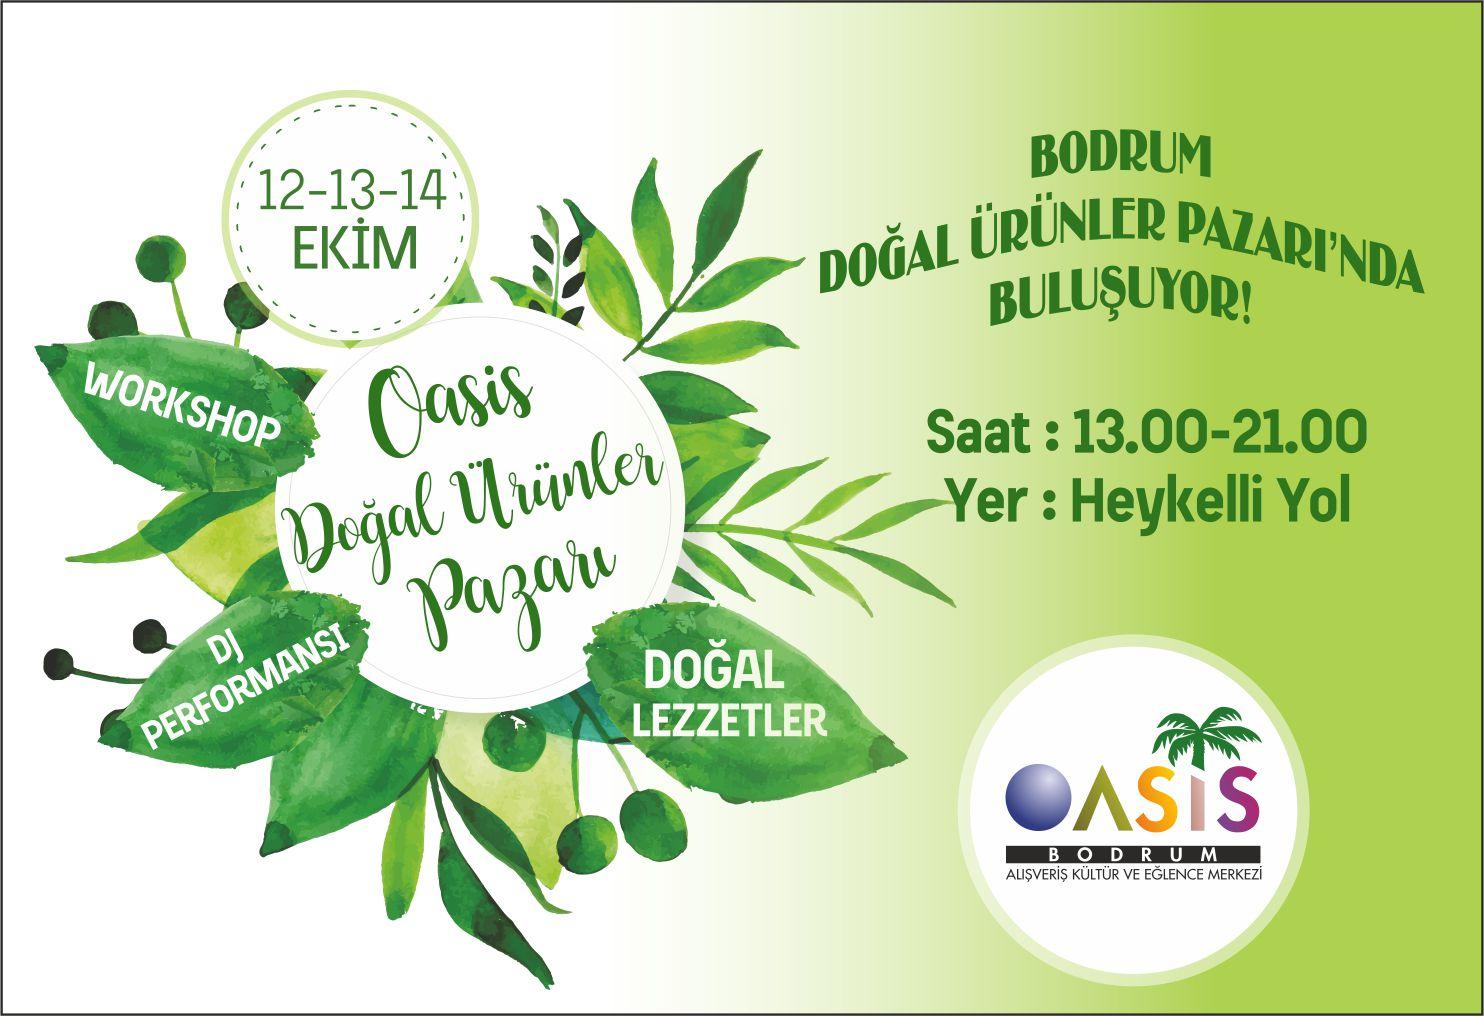 Bodrum, Oasis Doğal Ürünler Pazarı'nda buluşuyor!